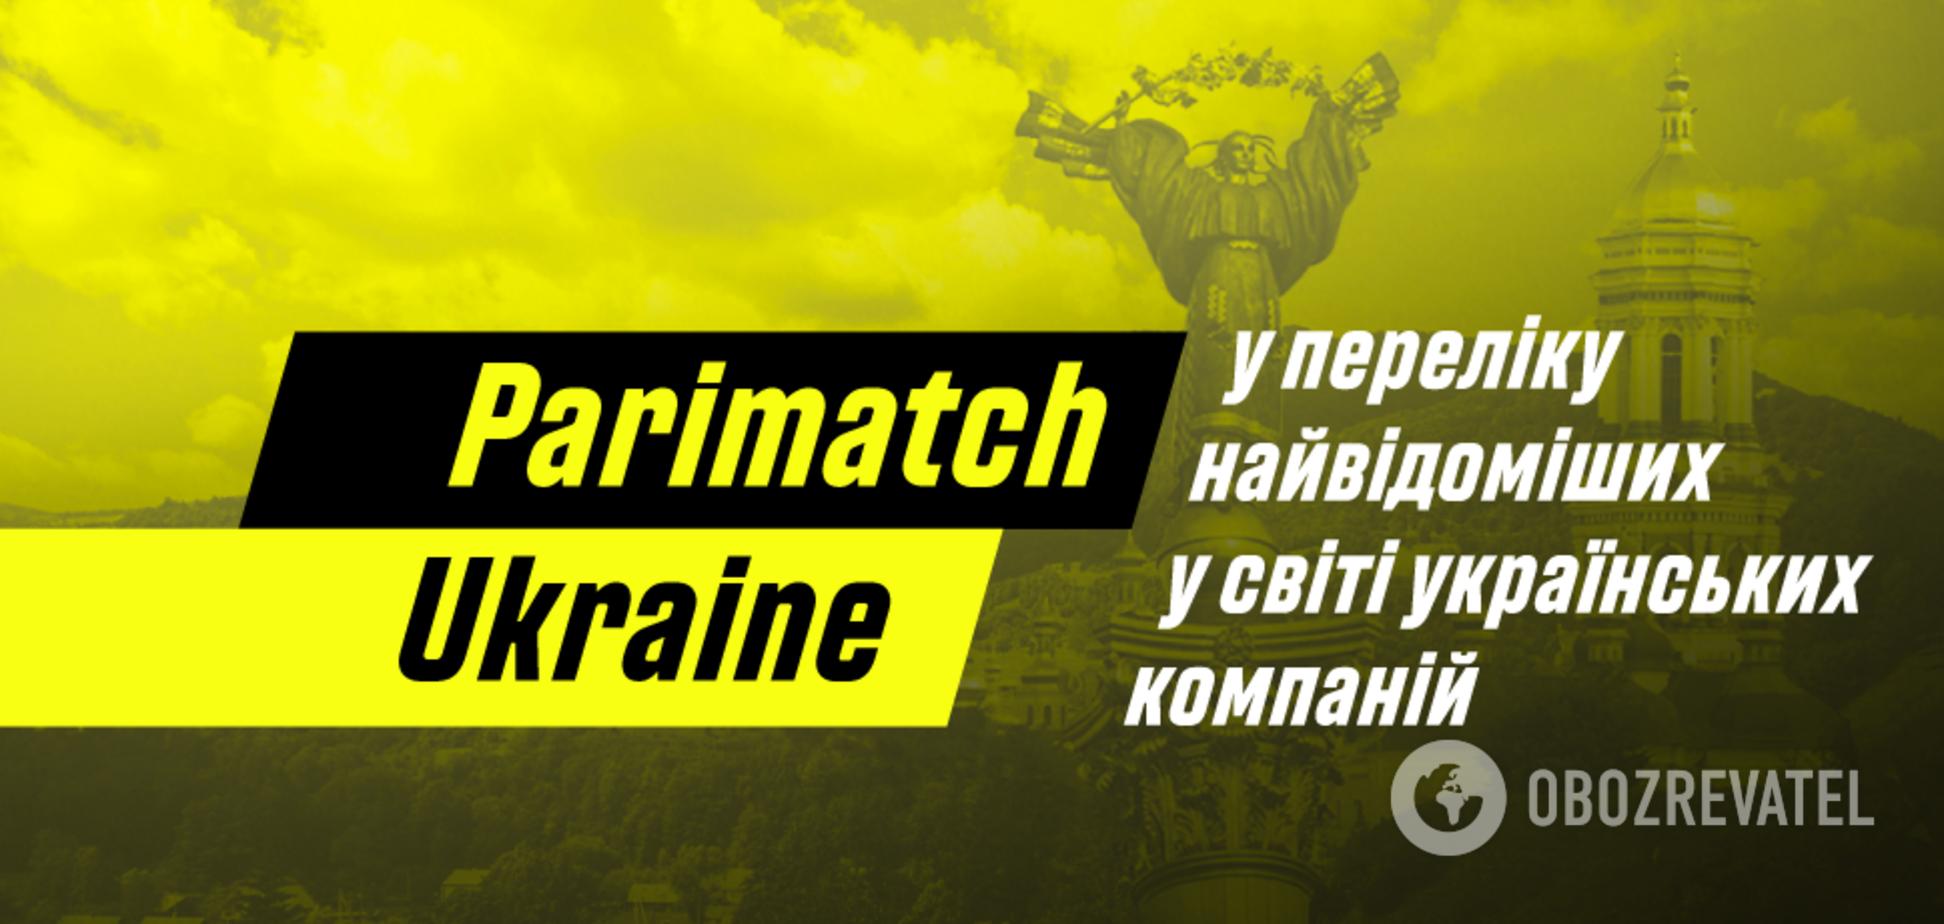 Parimatch Ukraine – в списке самых известных в мире украинских компаний